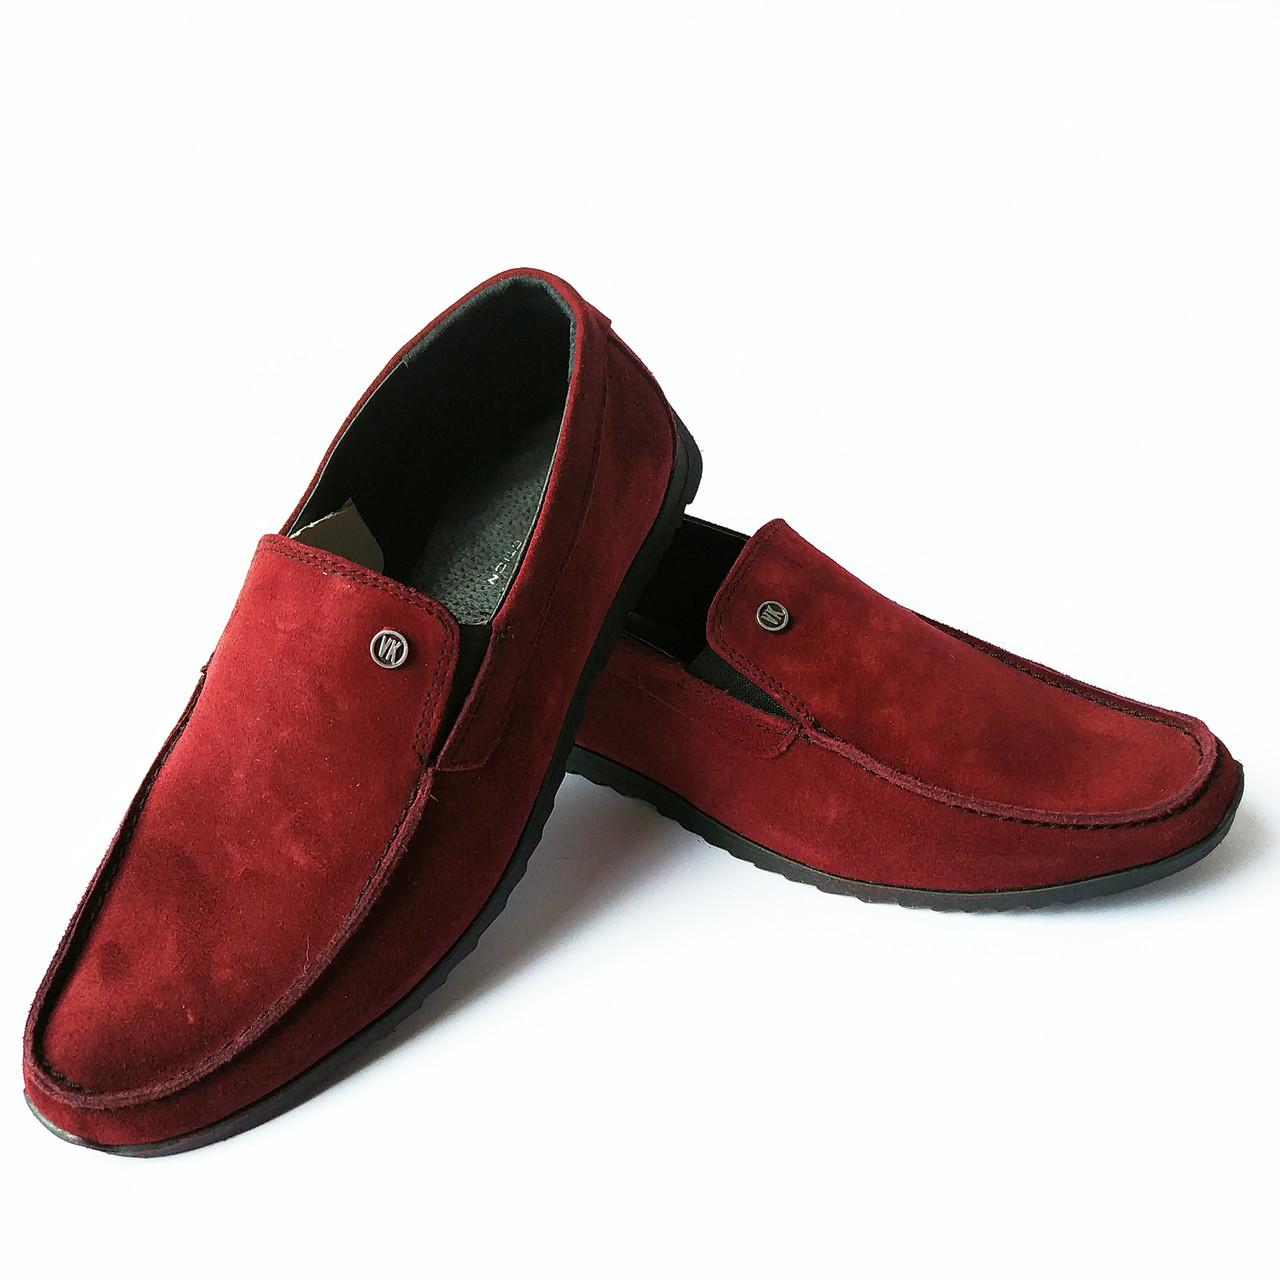 Мужская харьковская кожаная обувь   замшевые мокасины, бордового цвета,  фабрики Van Kristi 95c0ed914ed